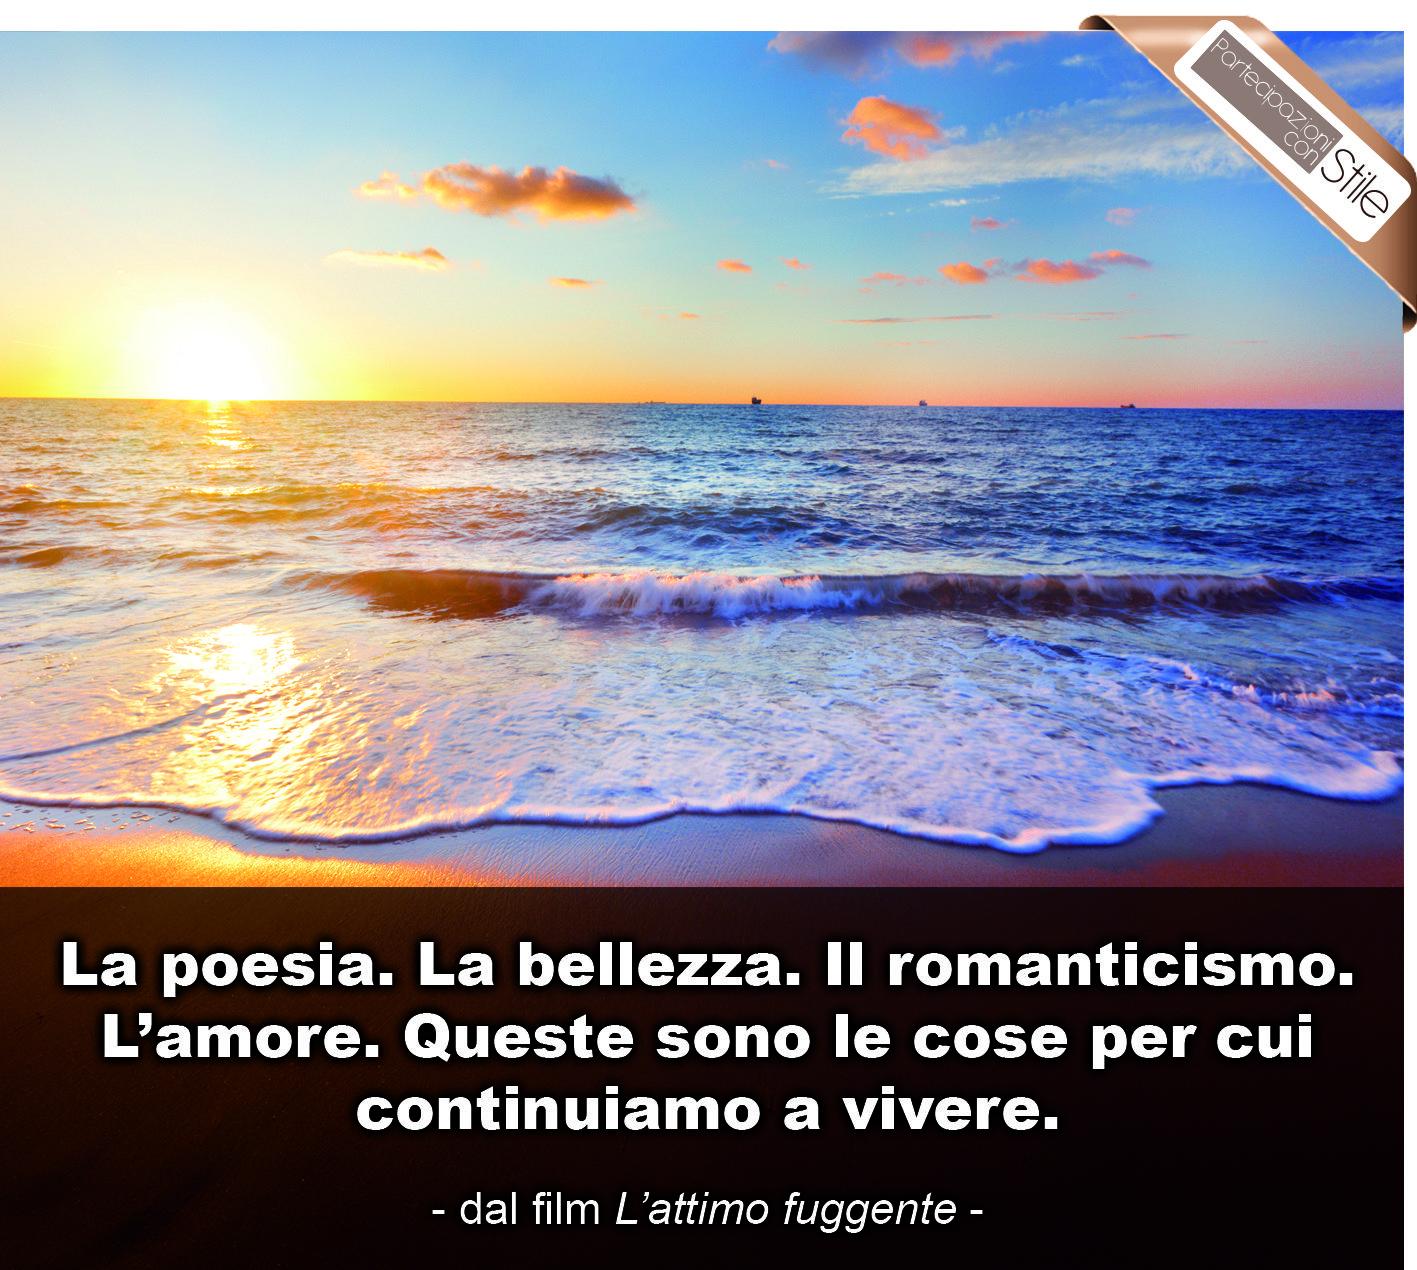 la poesia la bellezza il r ticismo l amore queste sono le la bellezza il r ticismo l amore queste sono